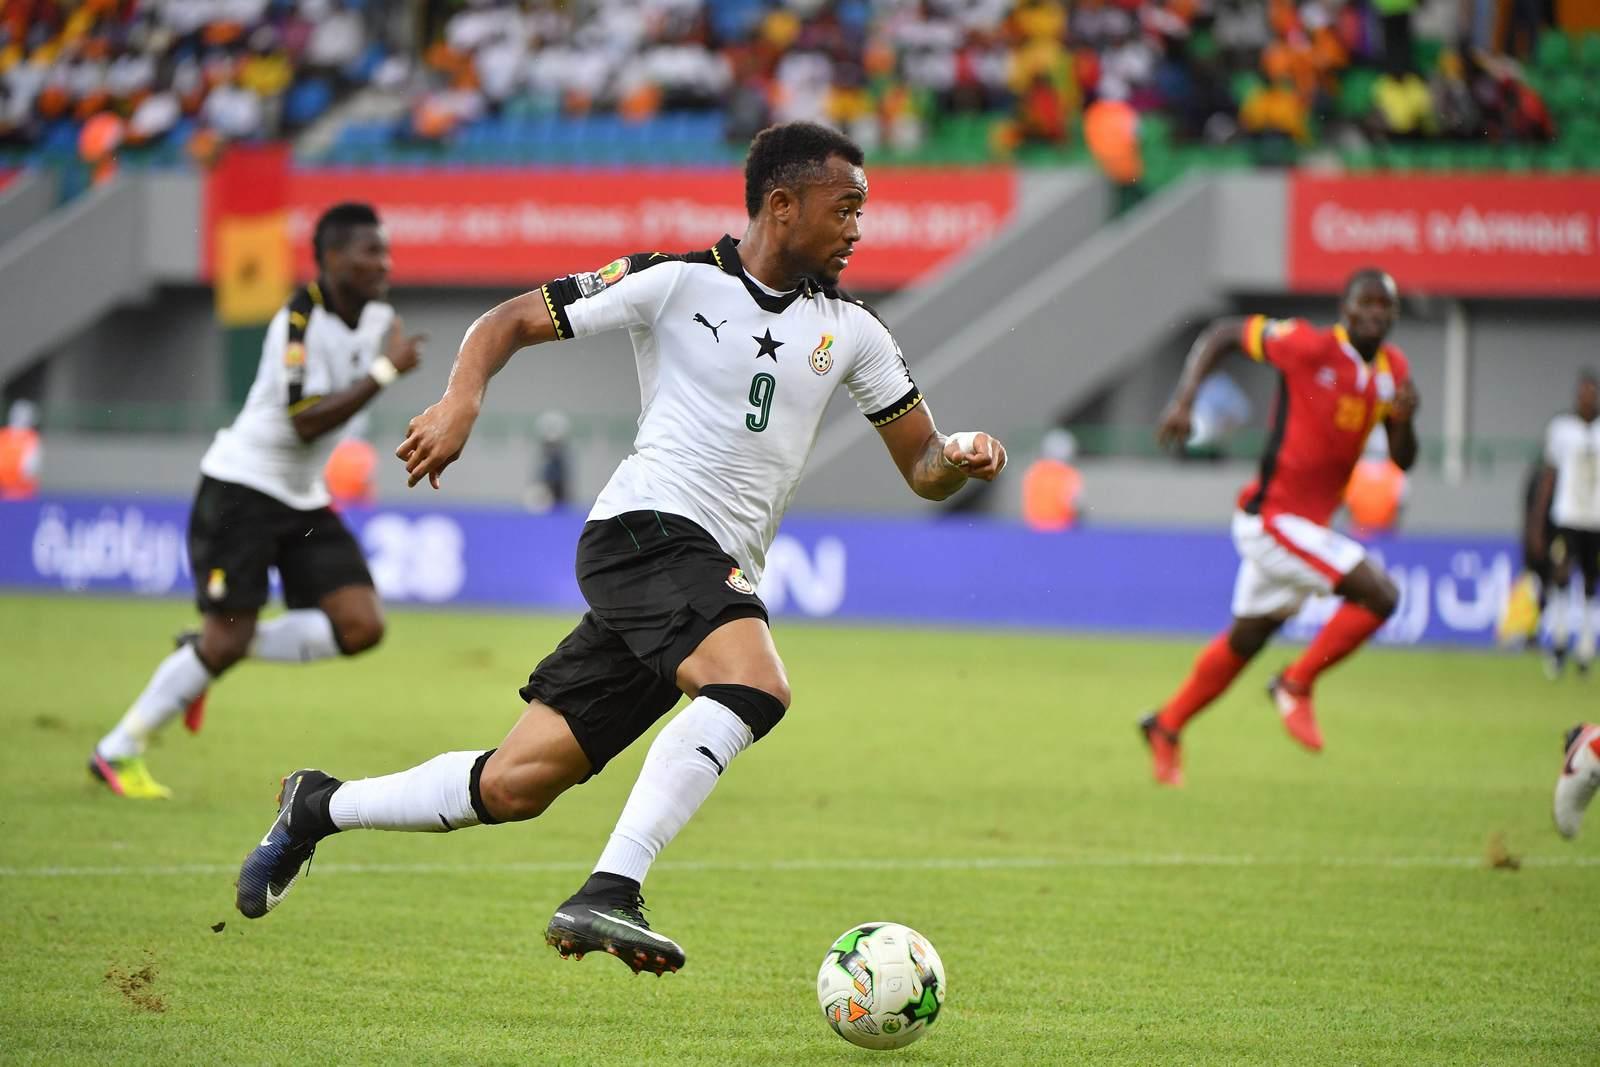 Jordan Ayew am Ball für die ghanaische Nationalmannschaft. Jetzt auf Ghana gegen Benin wetten